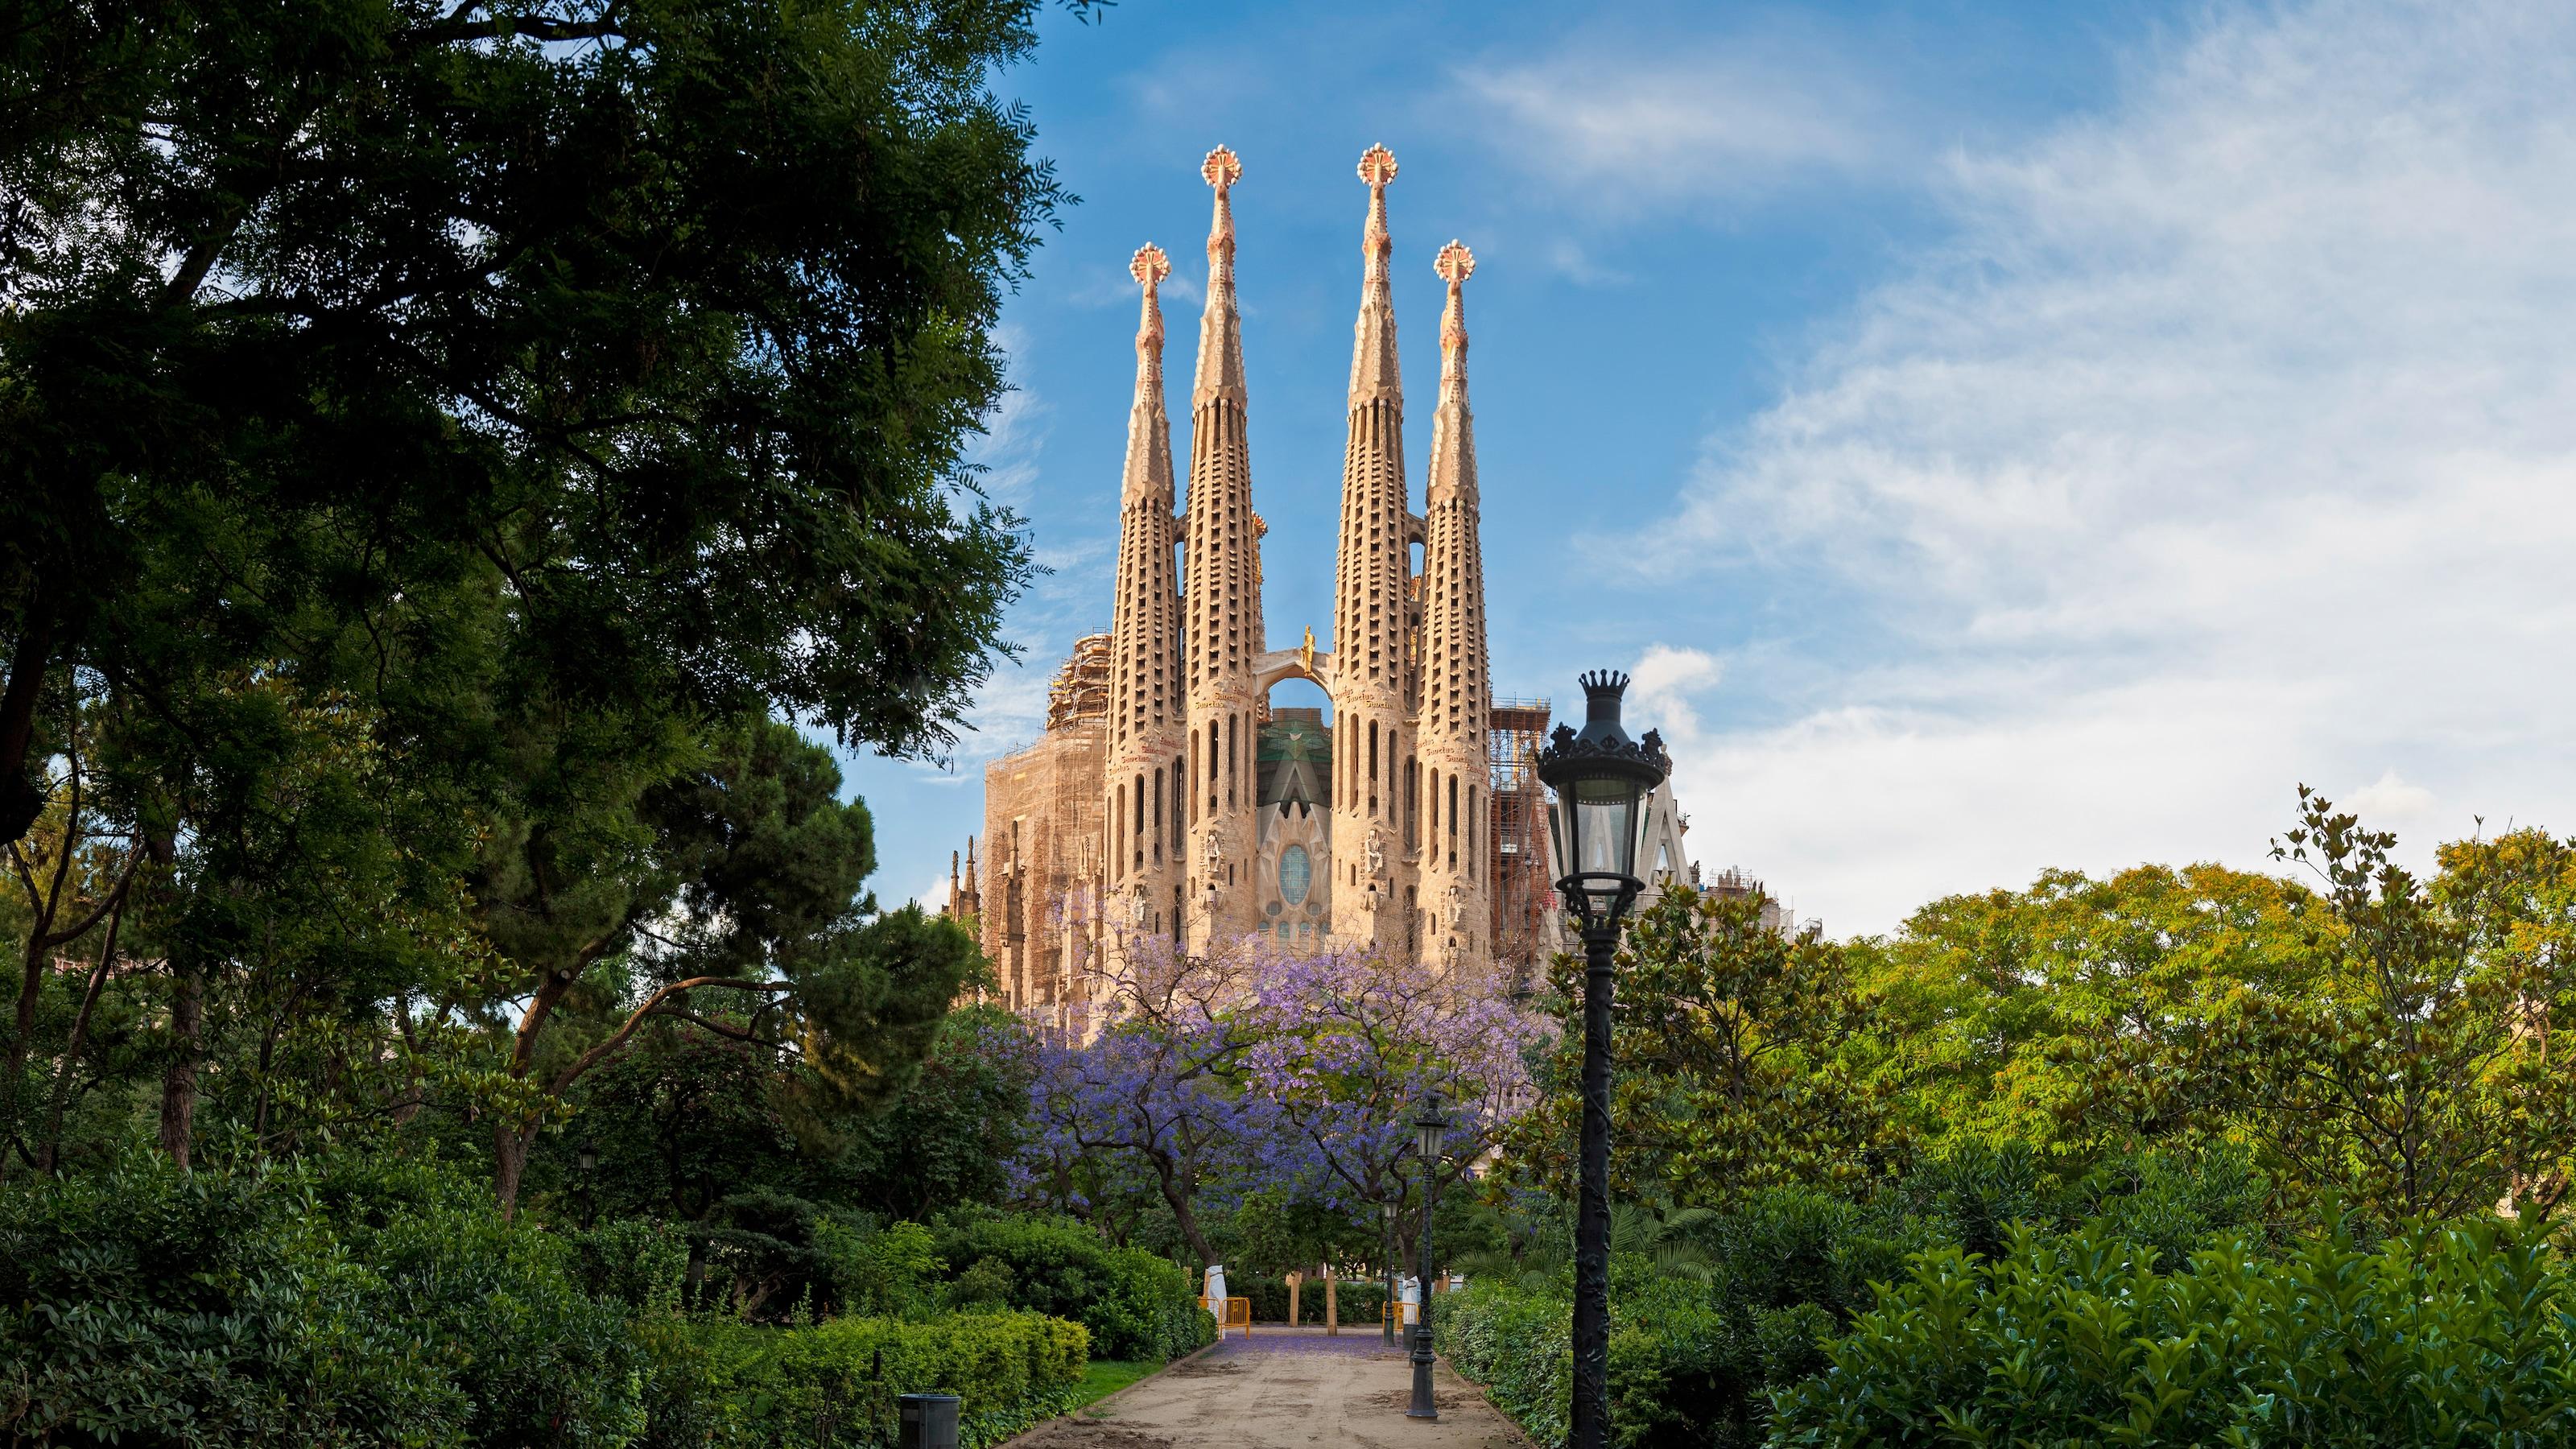 Os pináculos adornados da Catedral de Barcelona se destacam no final do caminho ladeado pela vegetação exuberante.